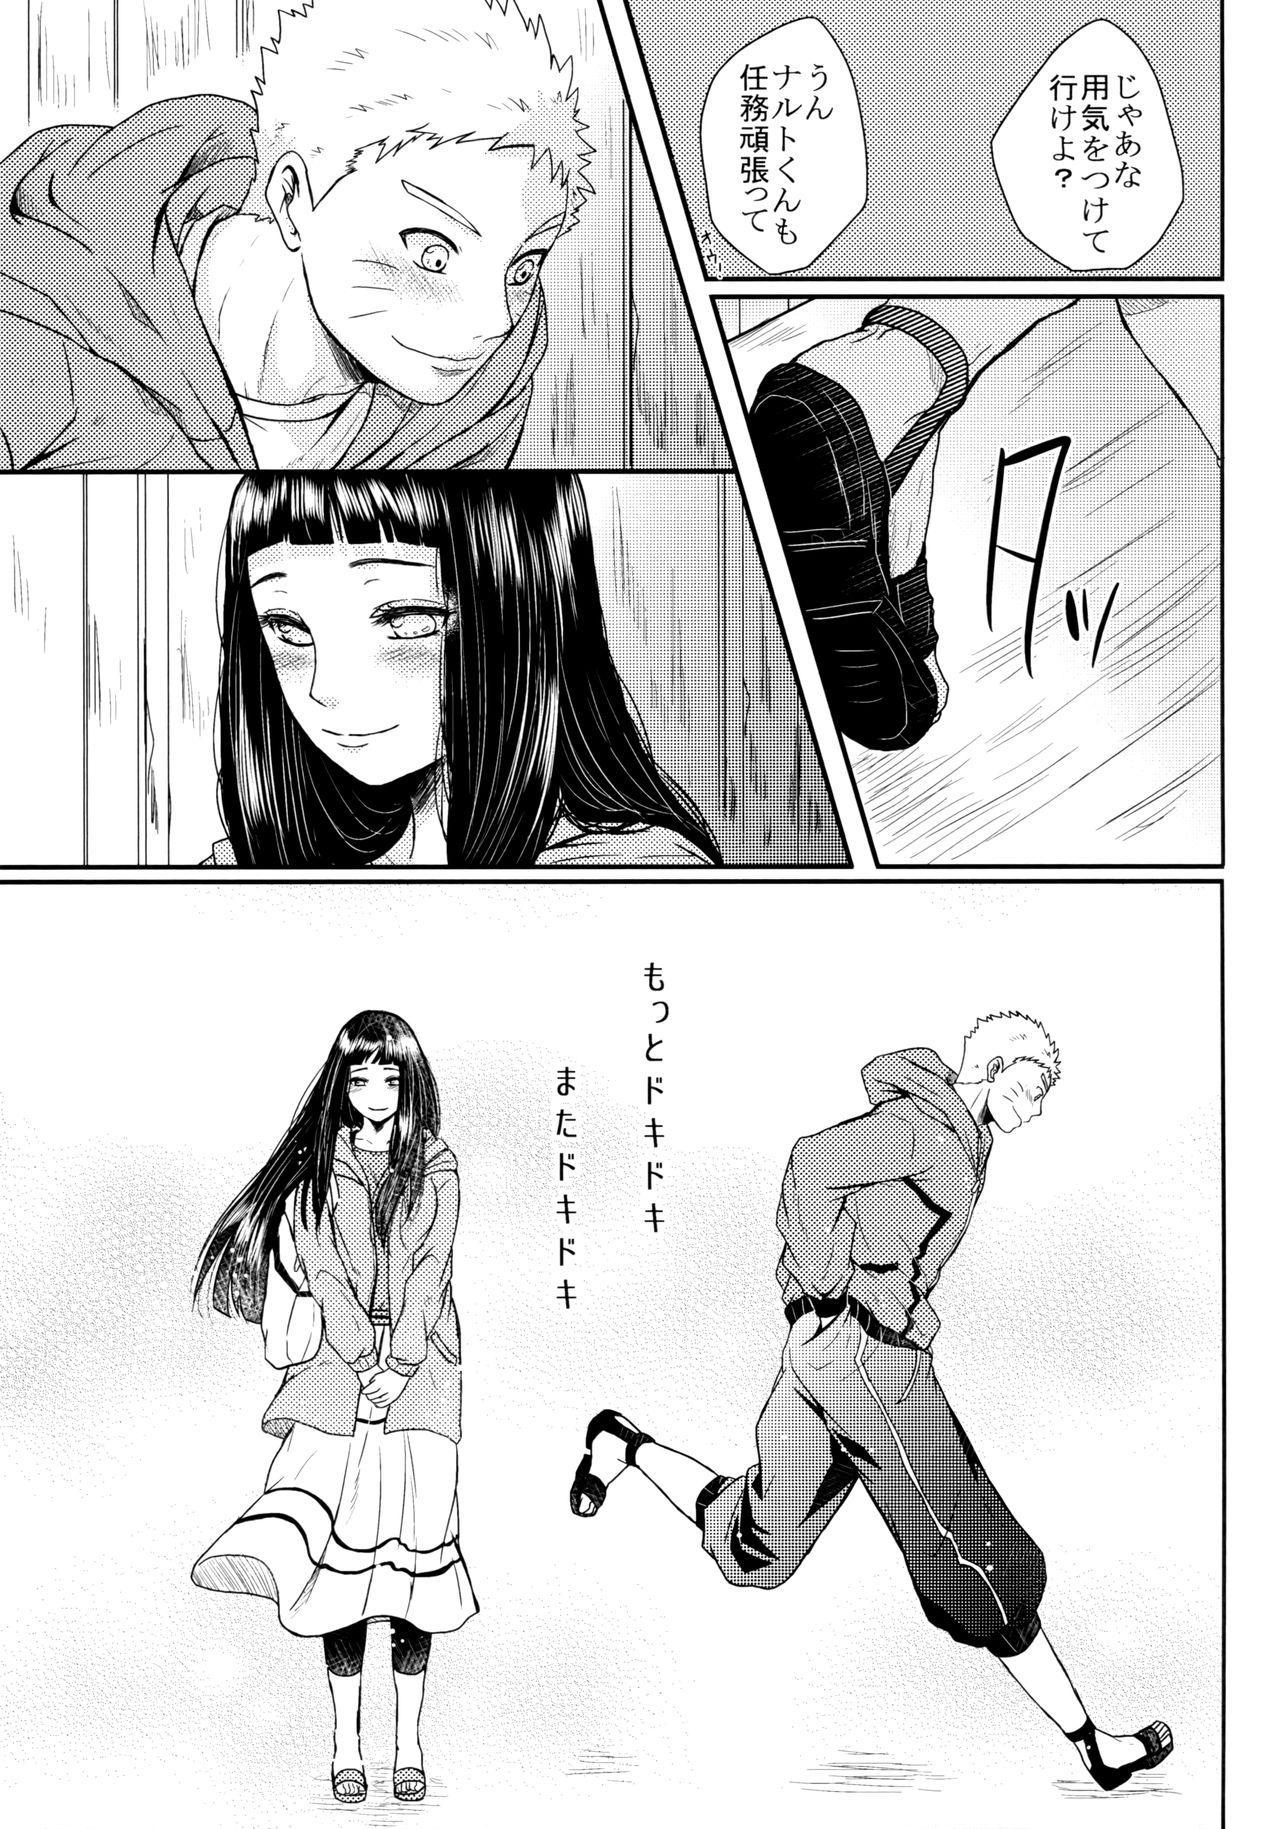 Fuyuiro Memories - Winter Color Memories 301